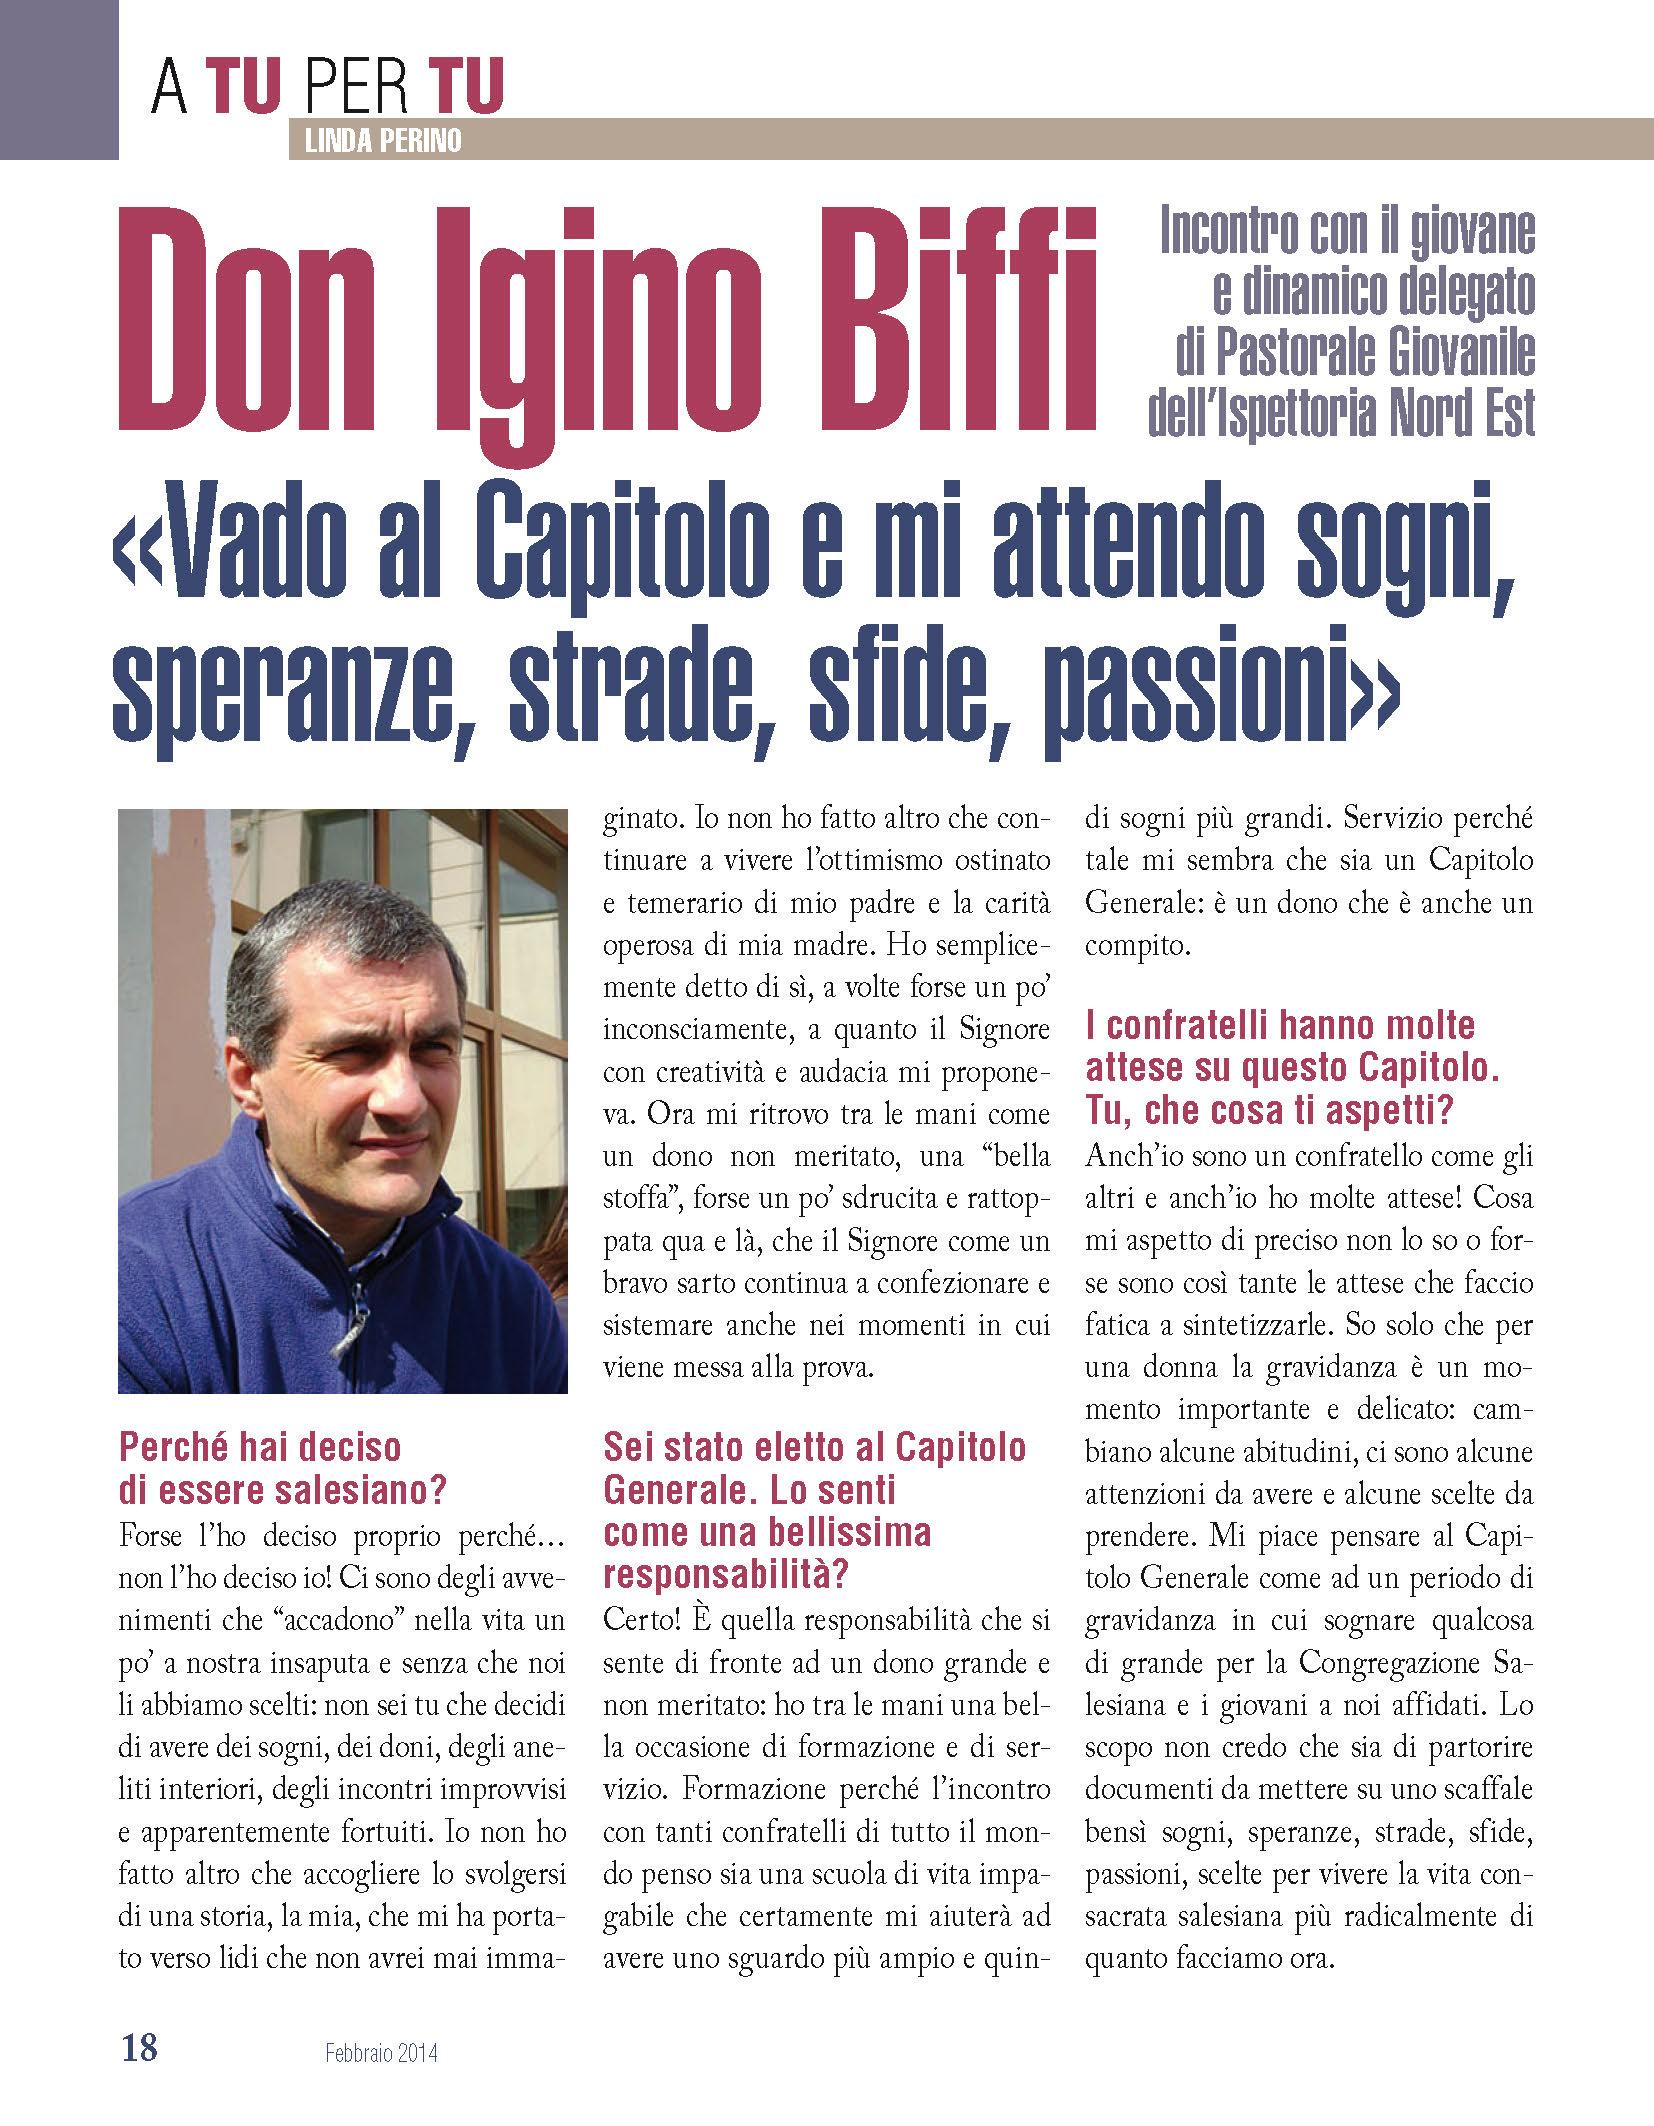 Bollettino Salesiano - Febbraio 2014 - Don Igino Biffi